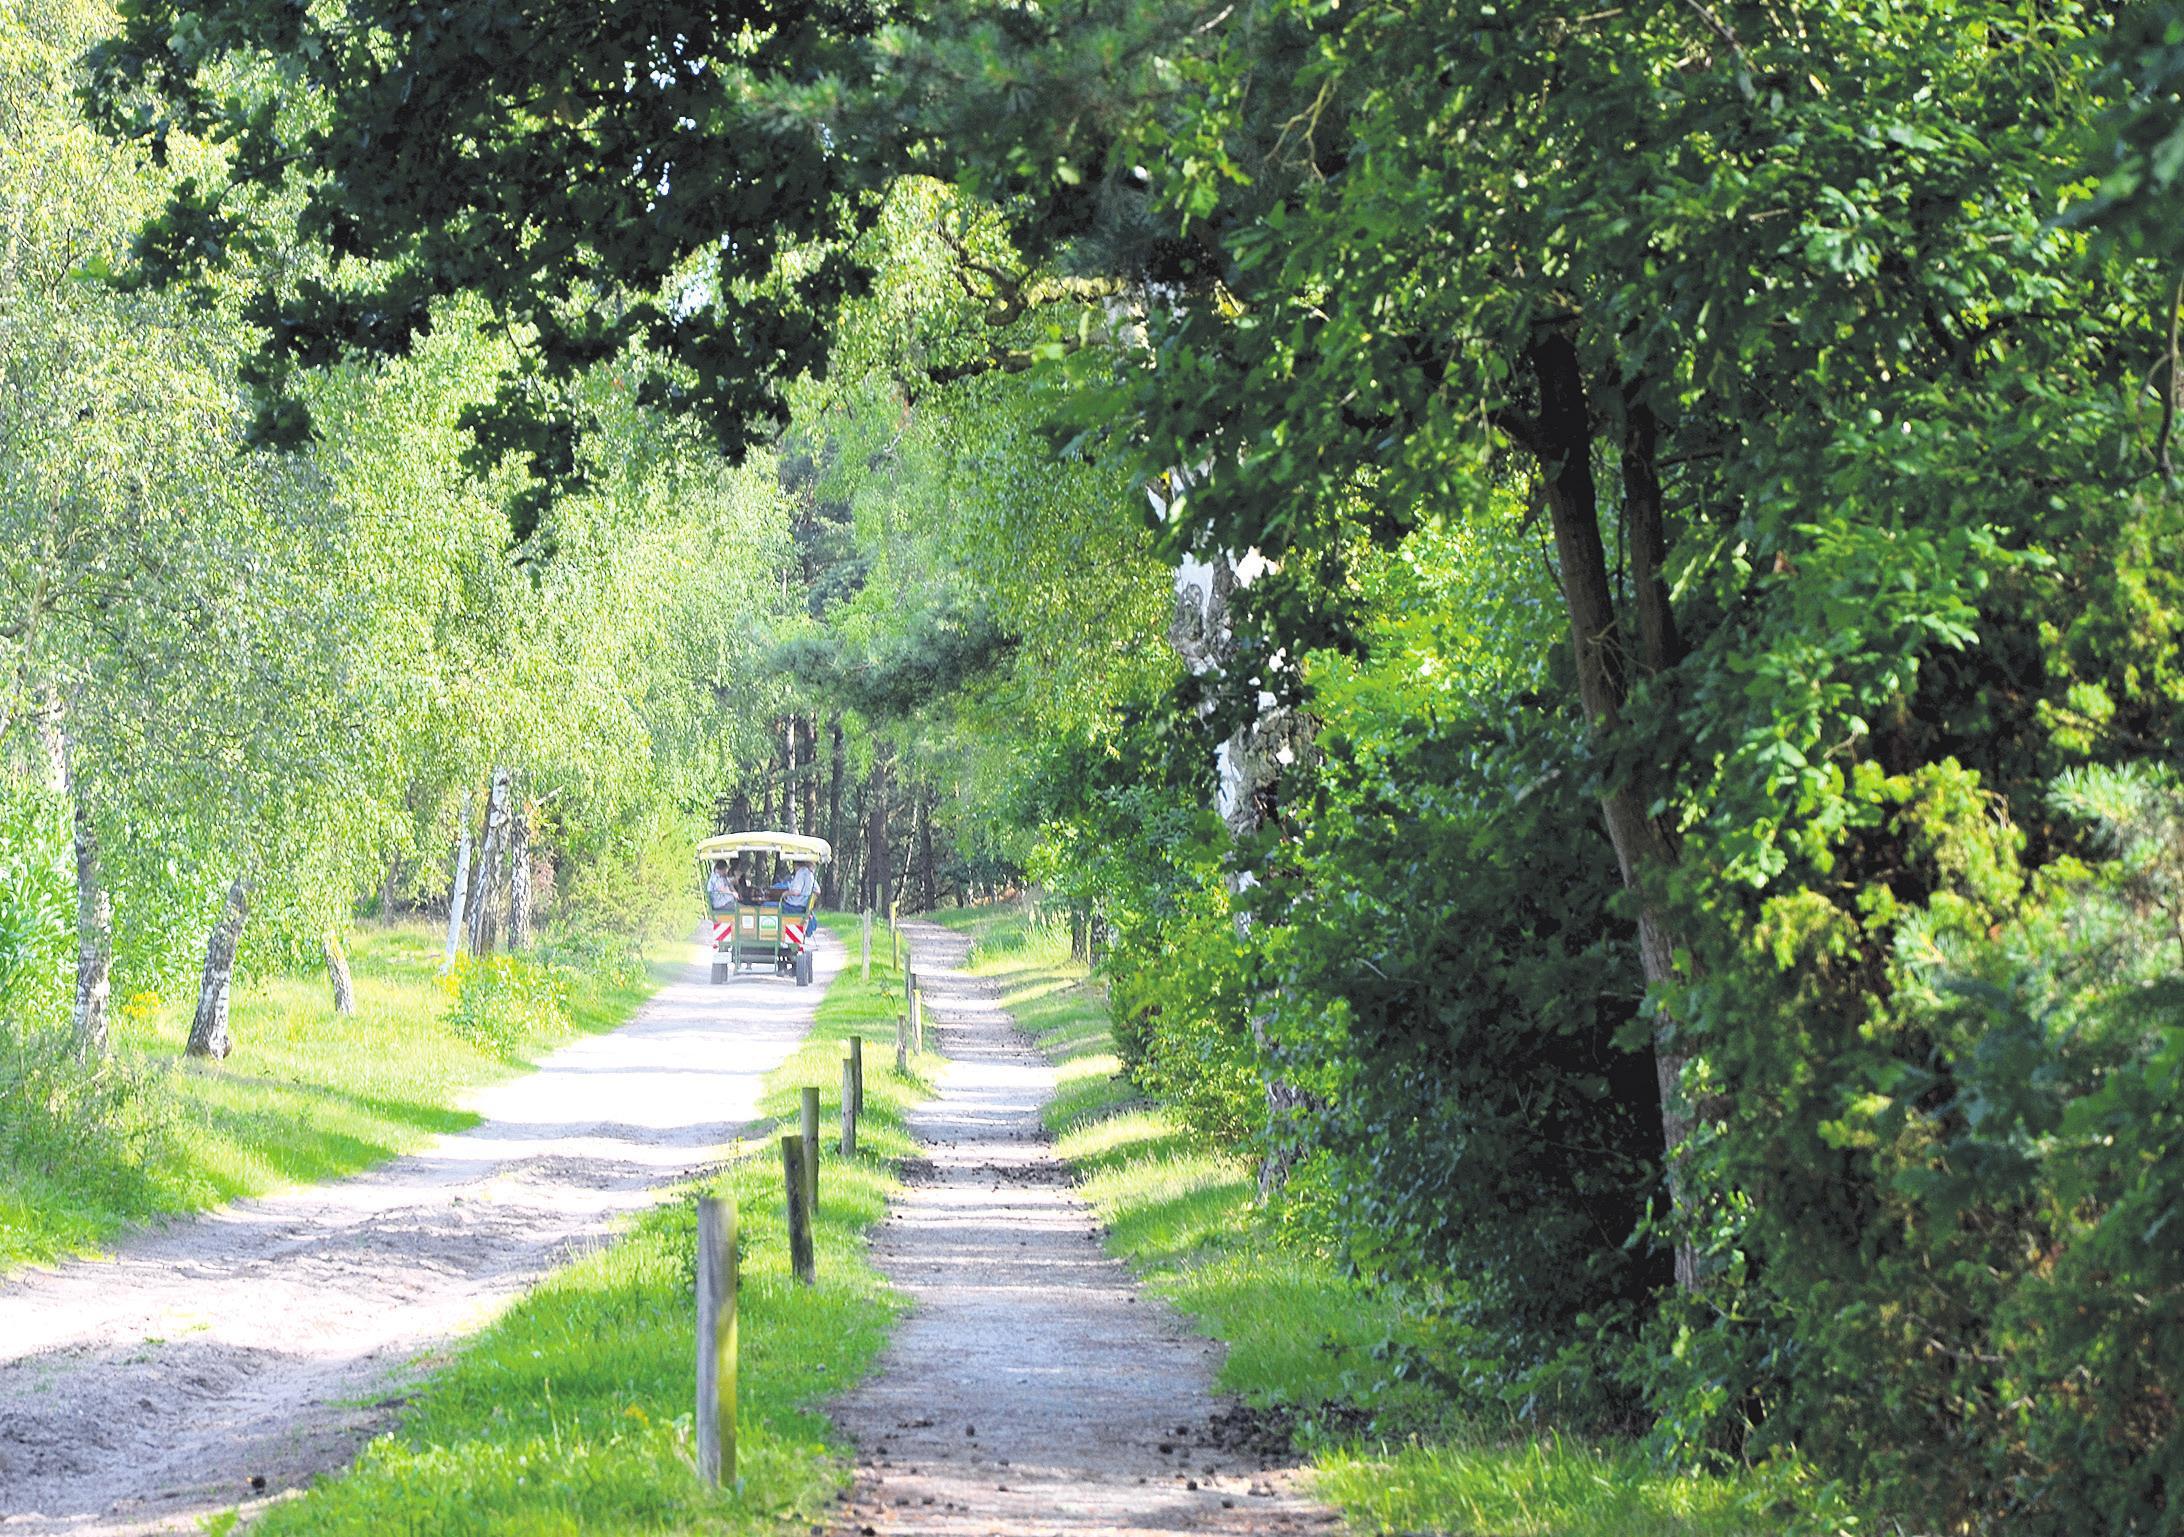 """Eine Empfehlung des Umweltausschusses zur Ausweisung des Naturschutzgebietes """"Heiden und Magerrasen in der Südheide"""" wurde auf kommenden Freitag vertagt. Foto: Alexiou"""